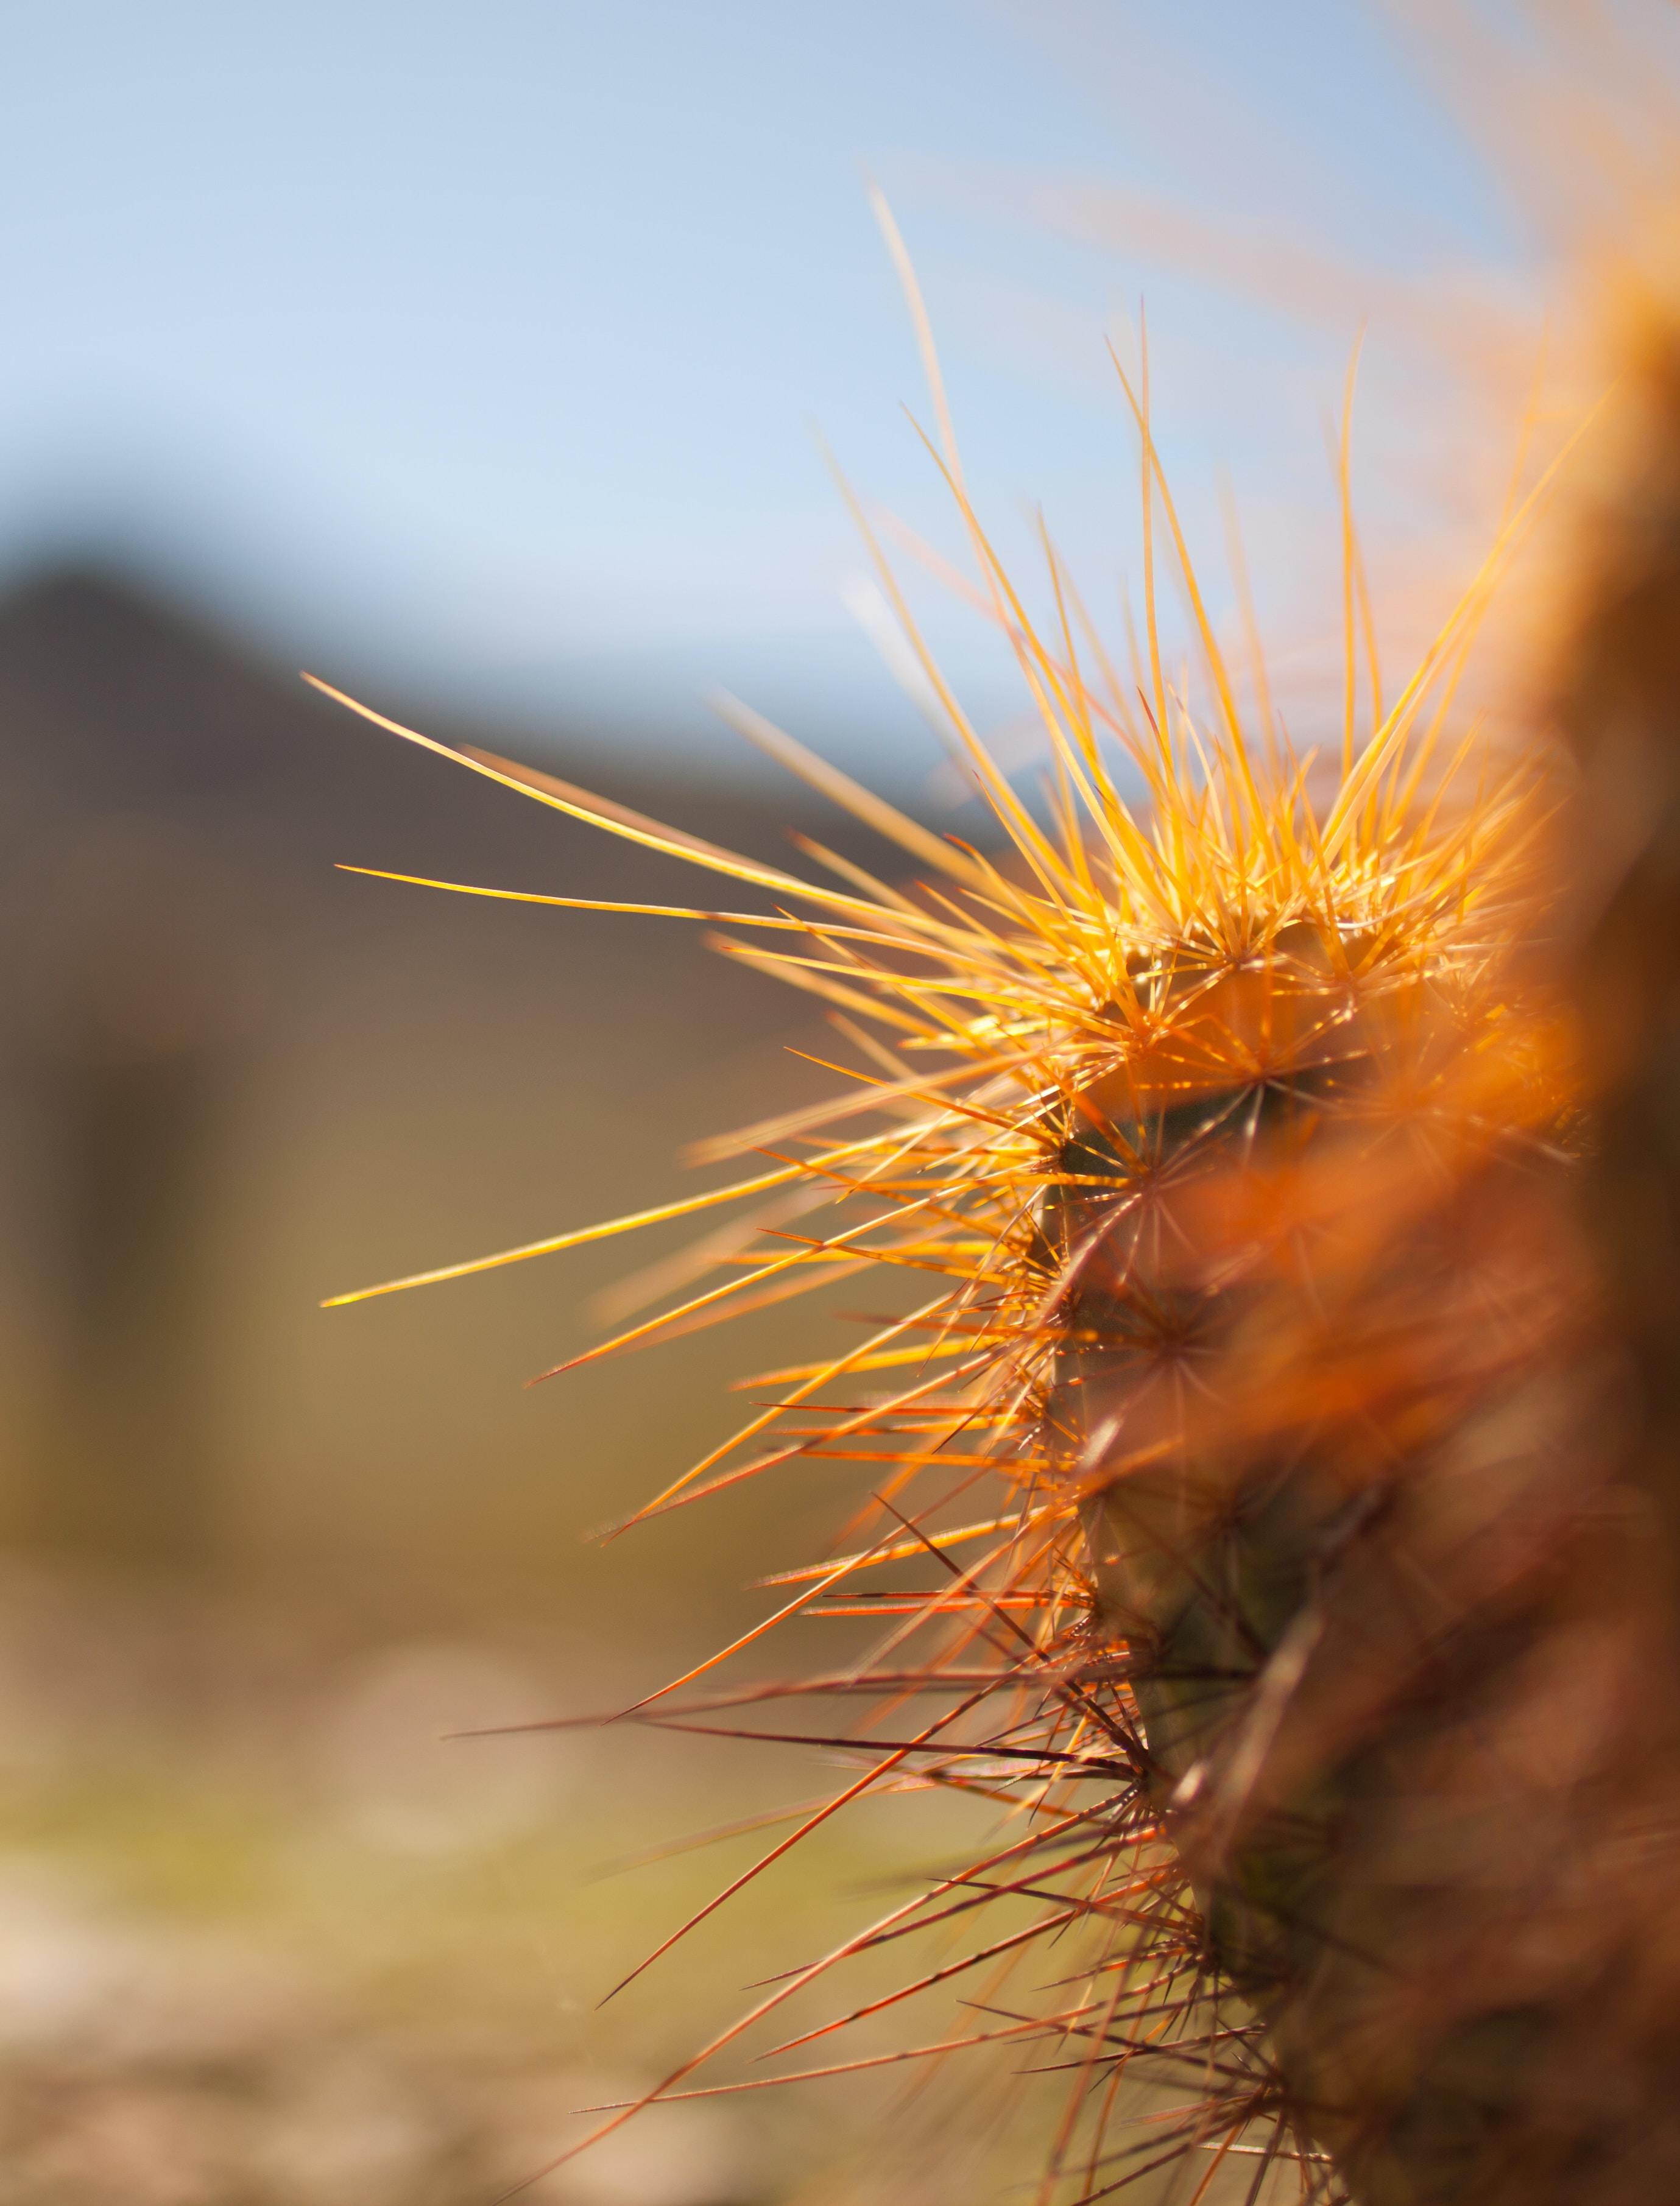 A macro shot of long orange needles on a cactus